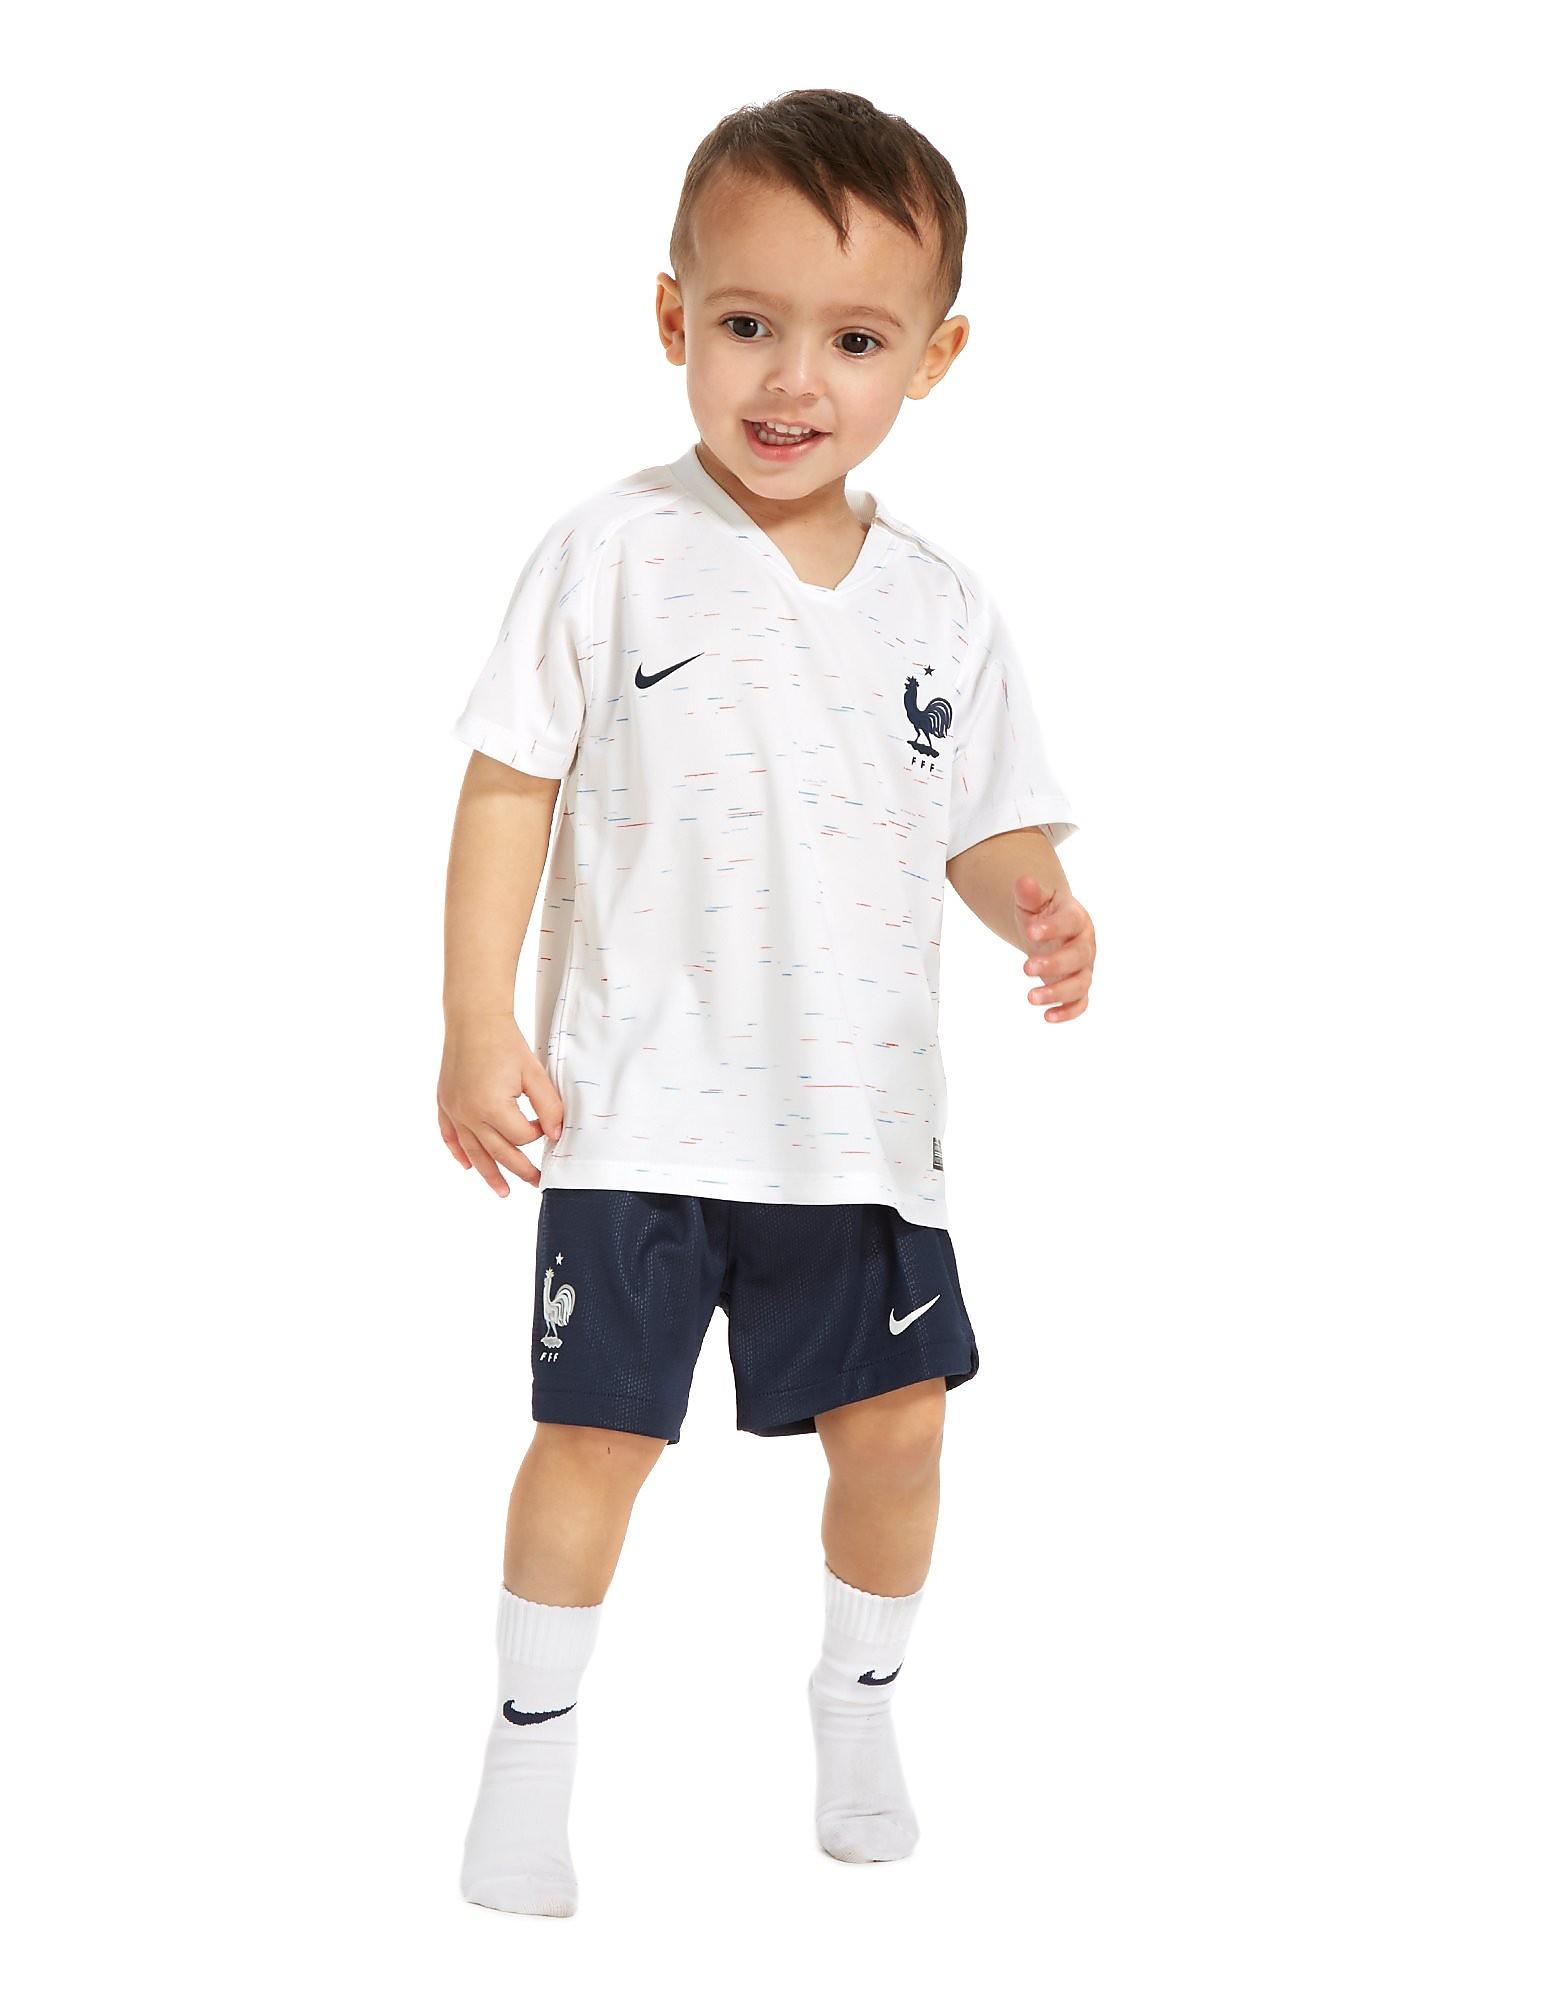 Nike Frankrike 2018 Bortaset Baby